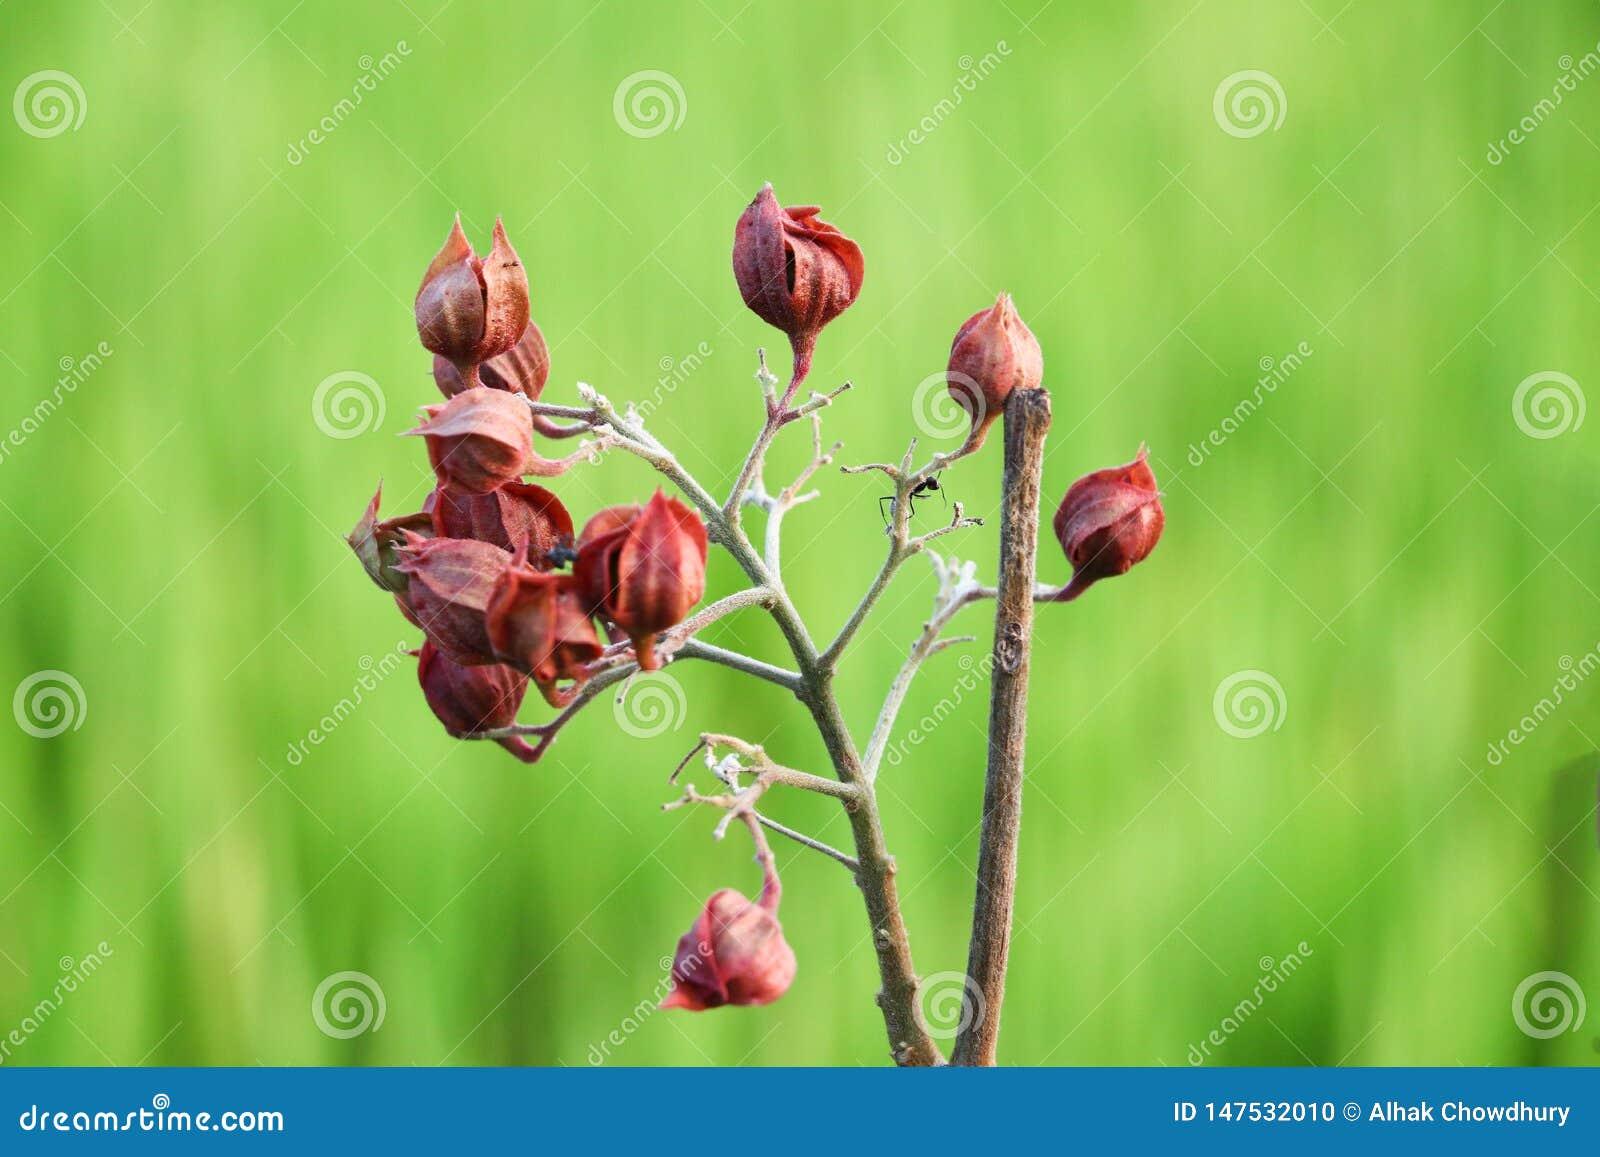 Красный цветок на зеленой предпосылке